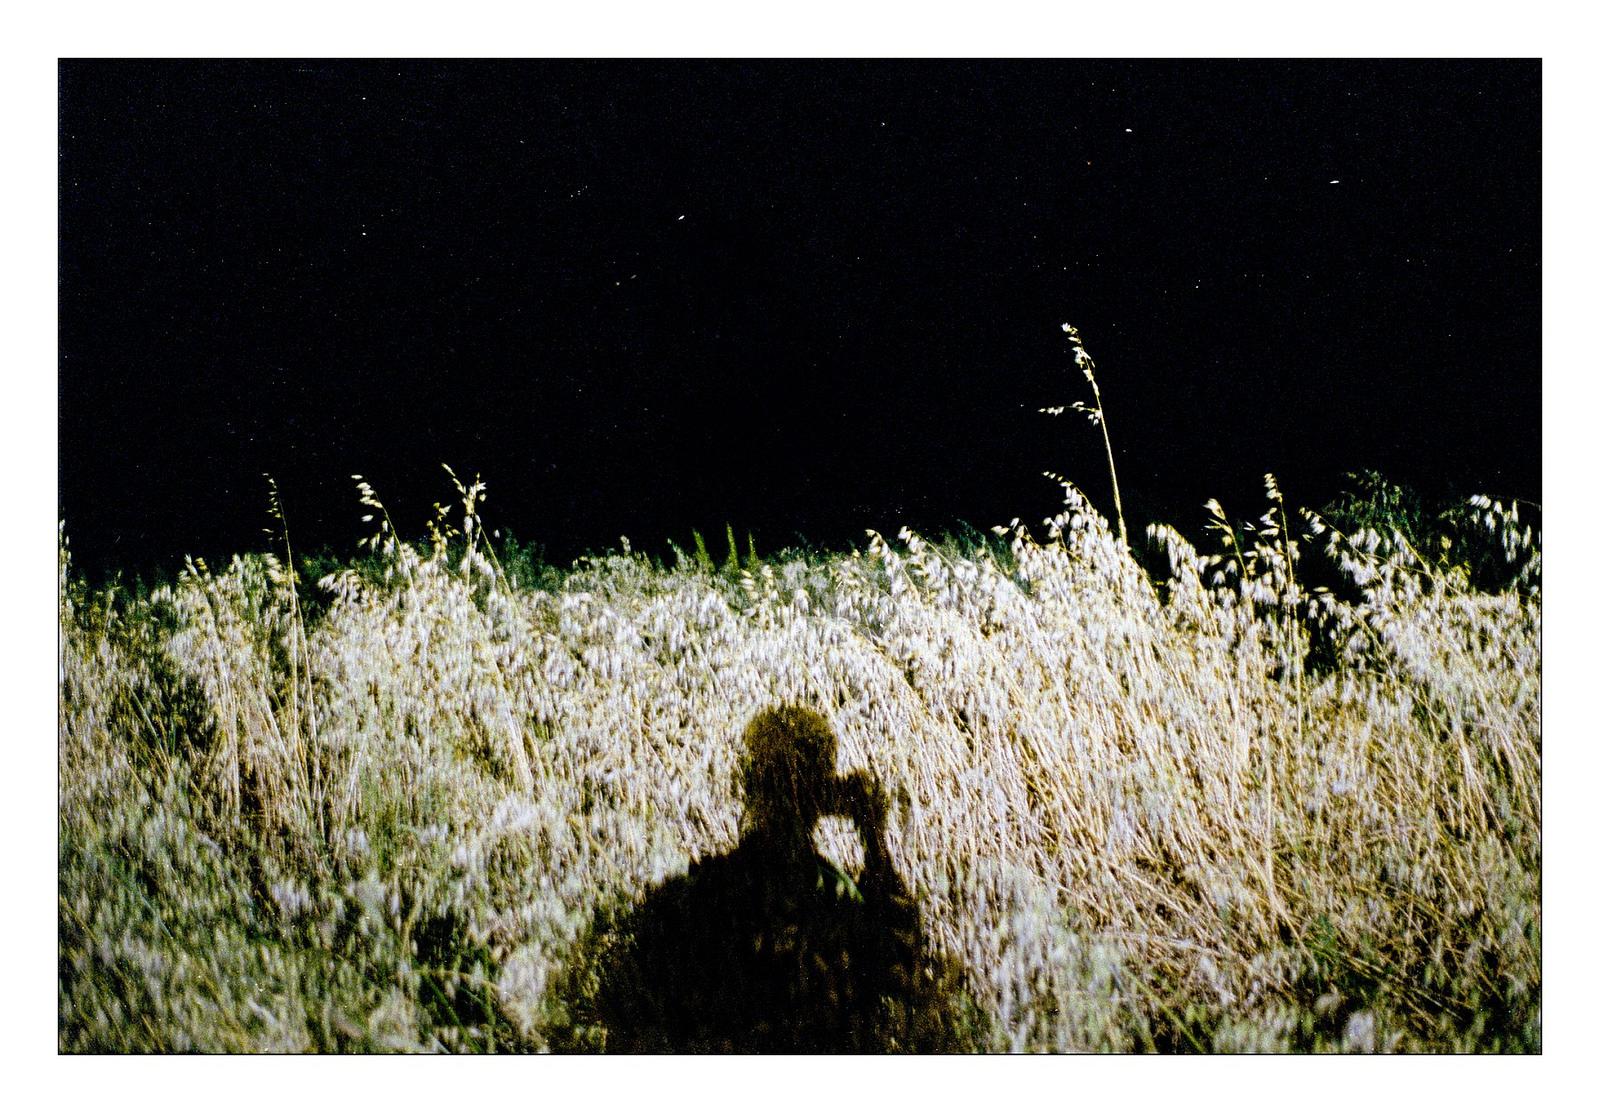 Matteo Zannoni offthemap